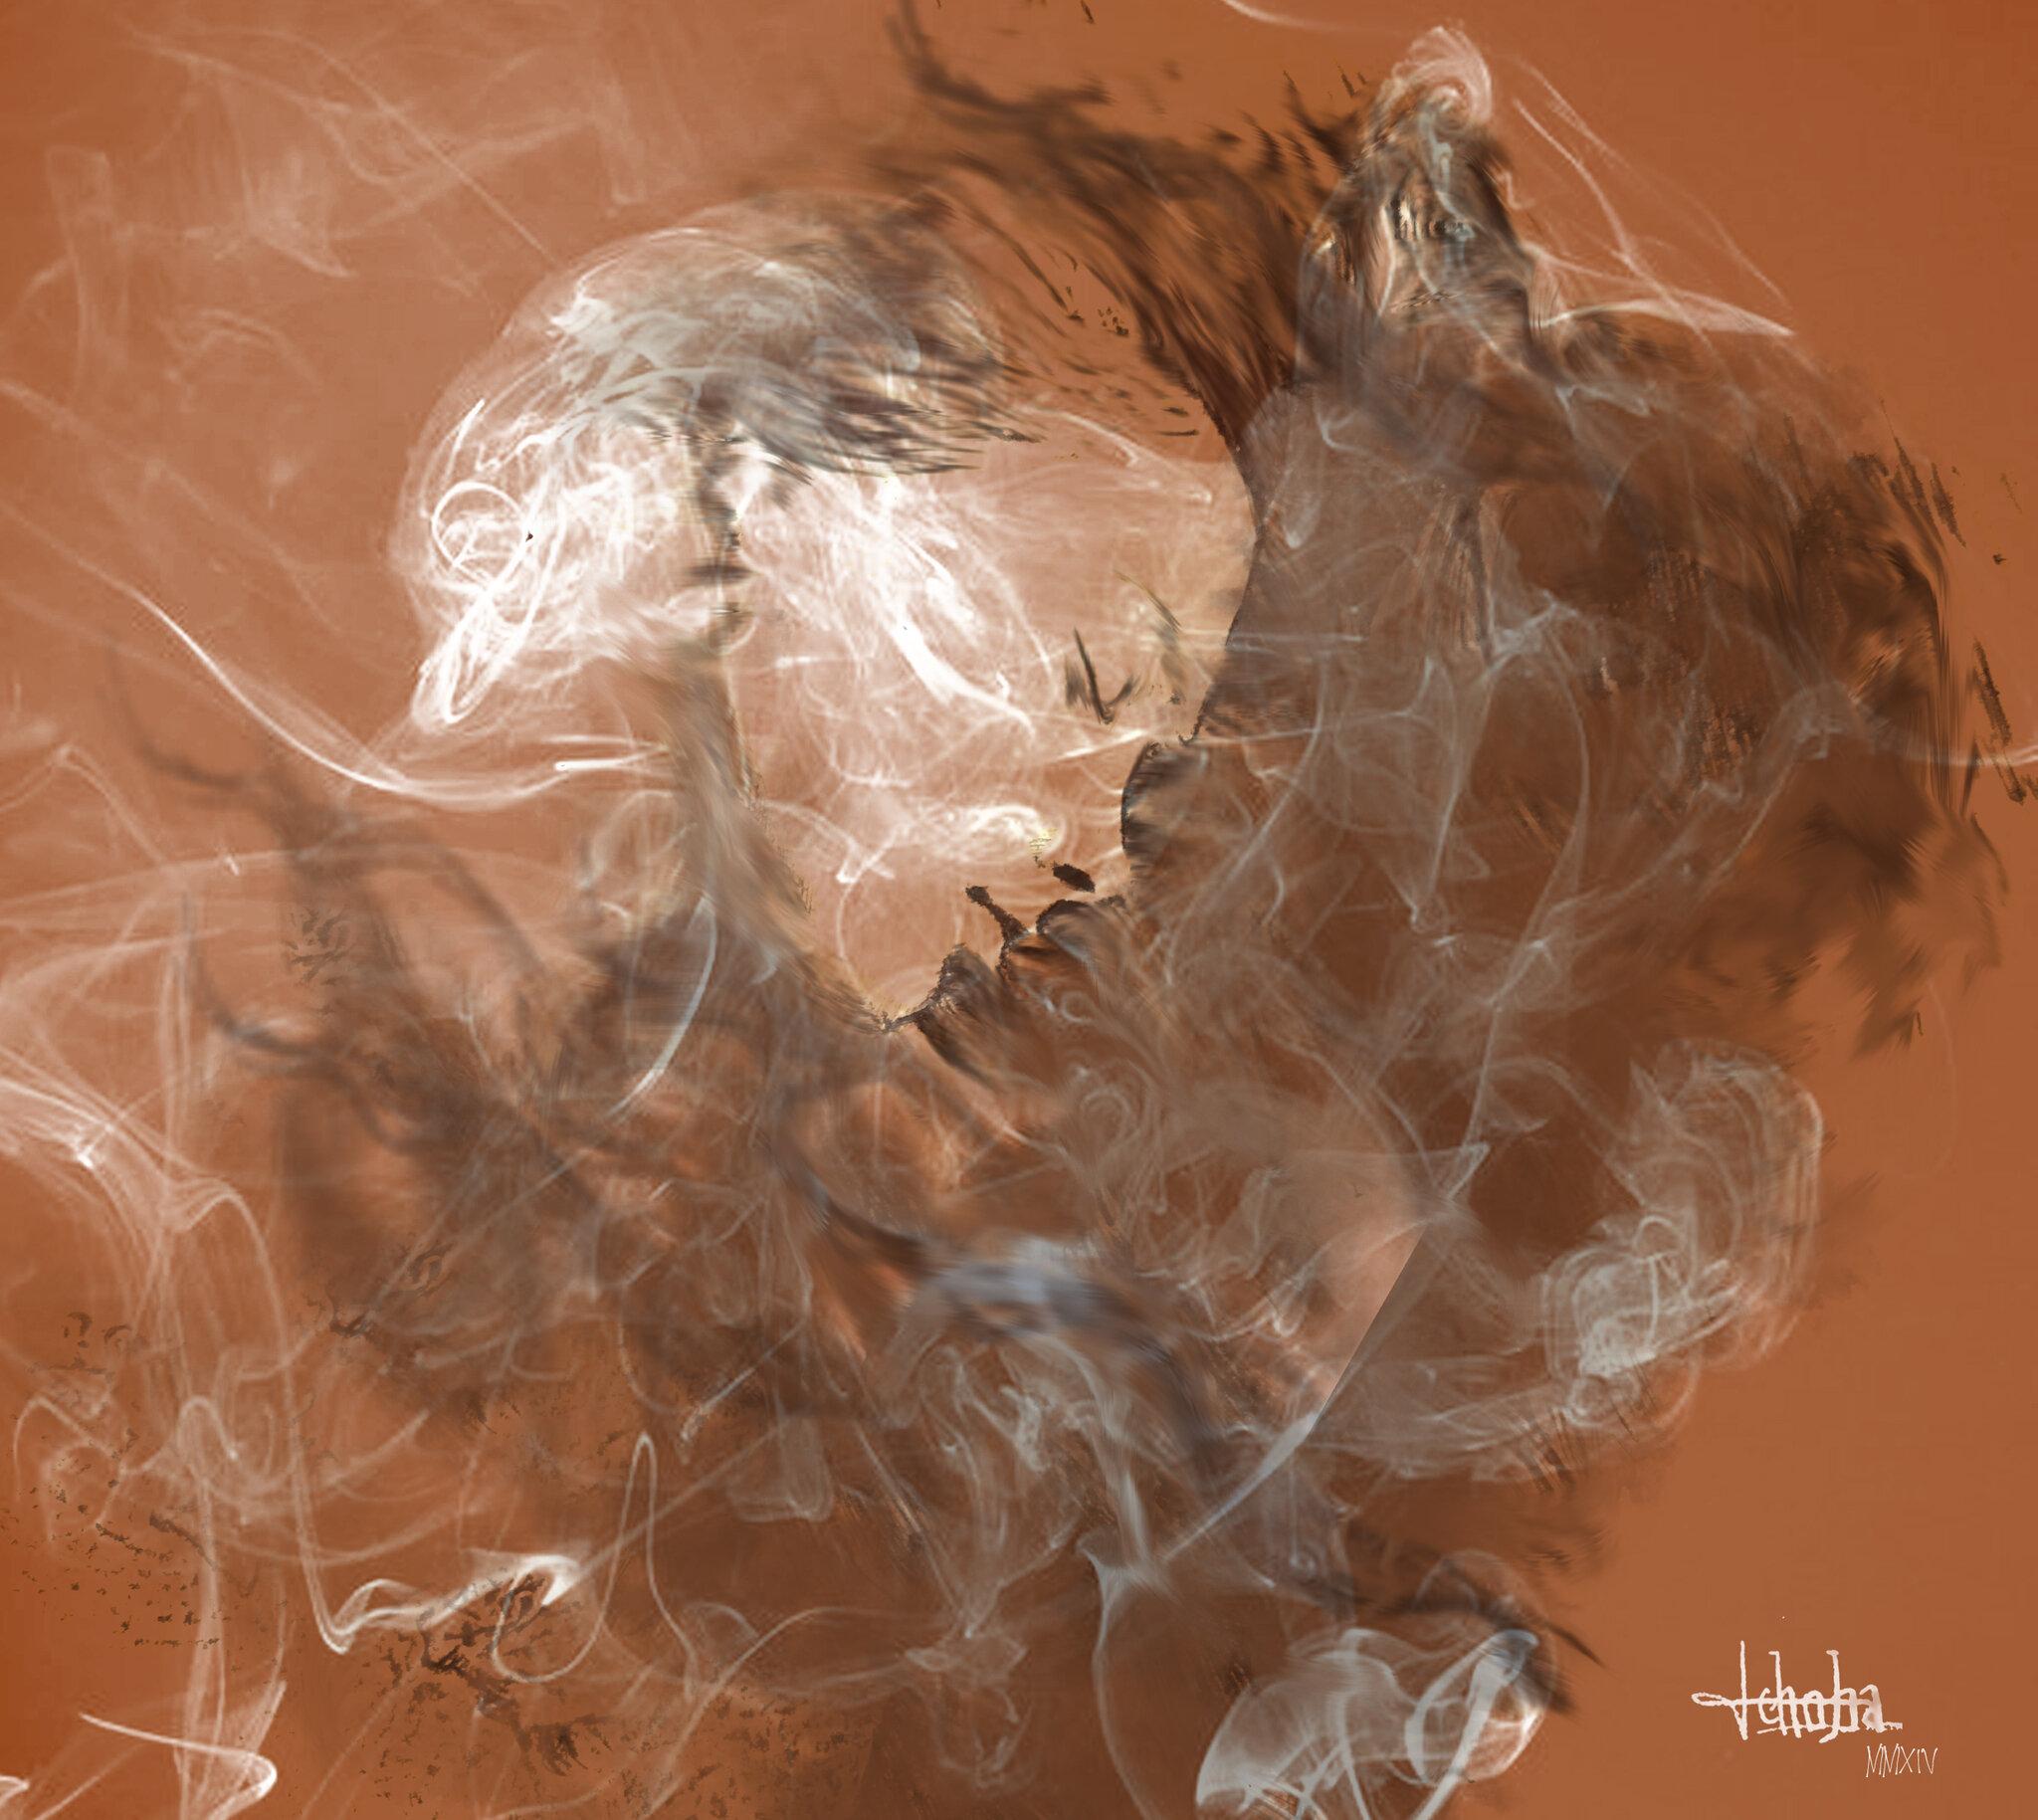 Muse and smoke